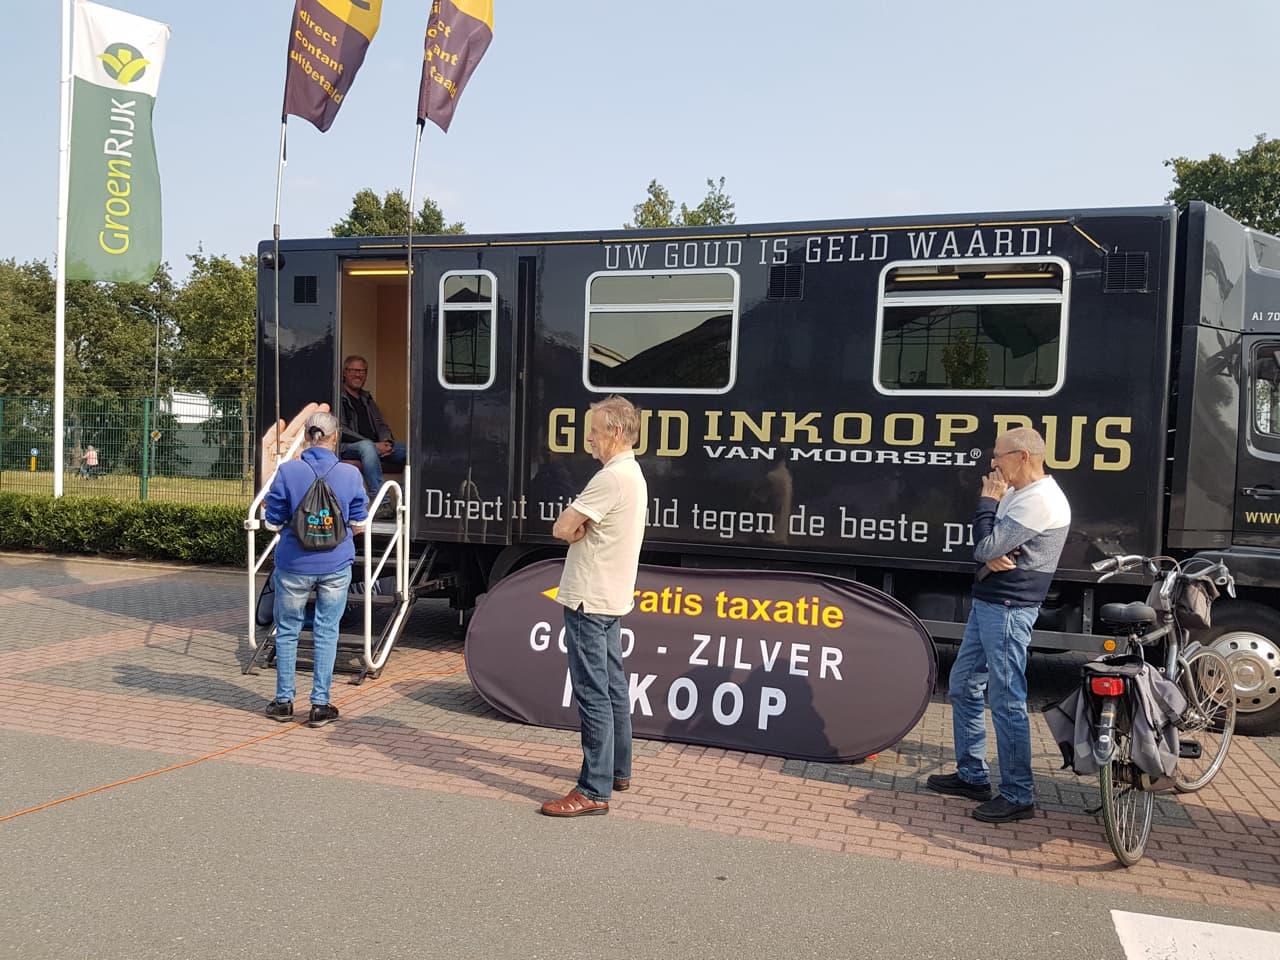 Goud Inkoop Bus dé plek om goud te verkopen